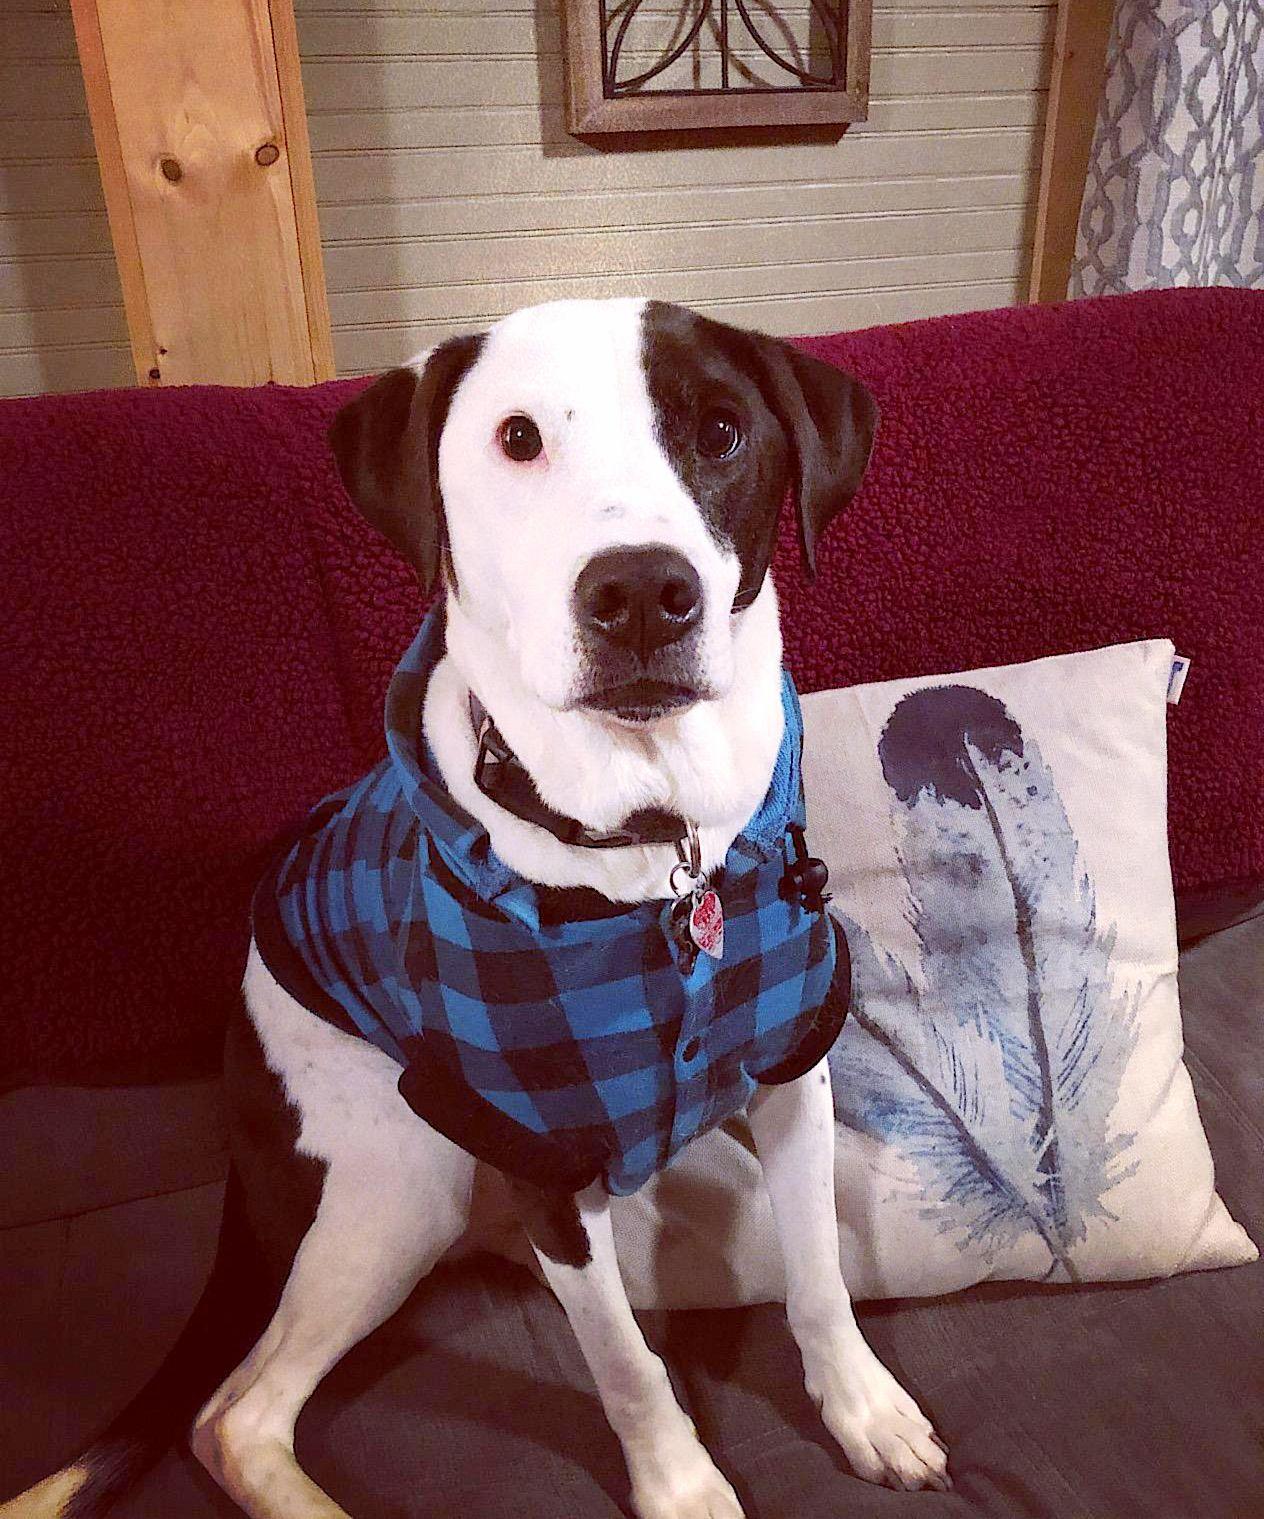 Dog Apparel Thick Plaid Dog Coat 7 Sizes Dog coats, Dog